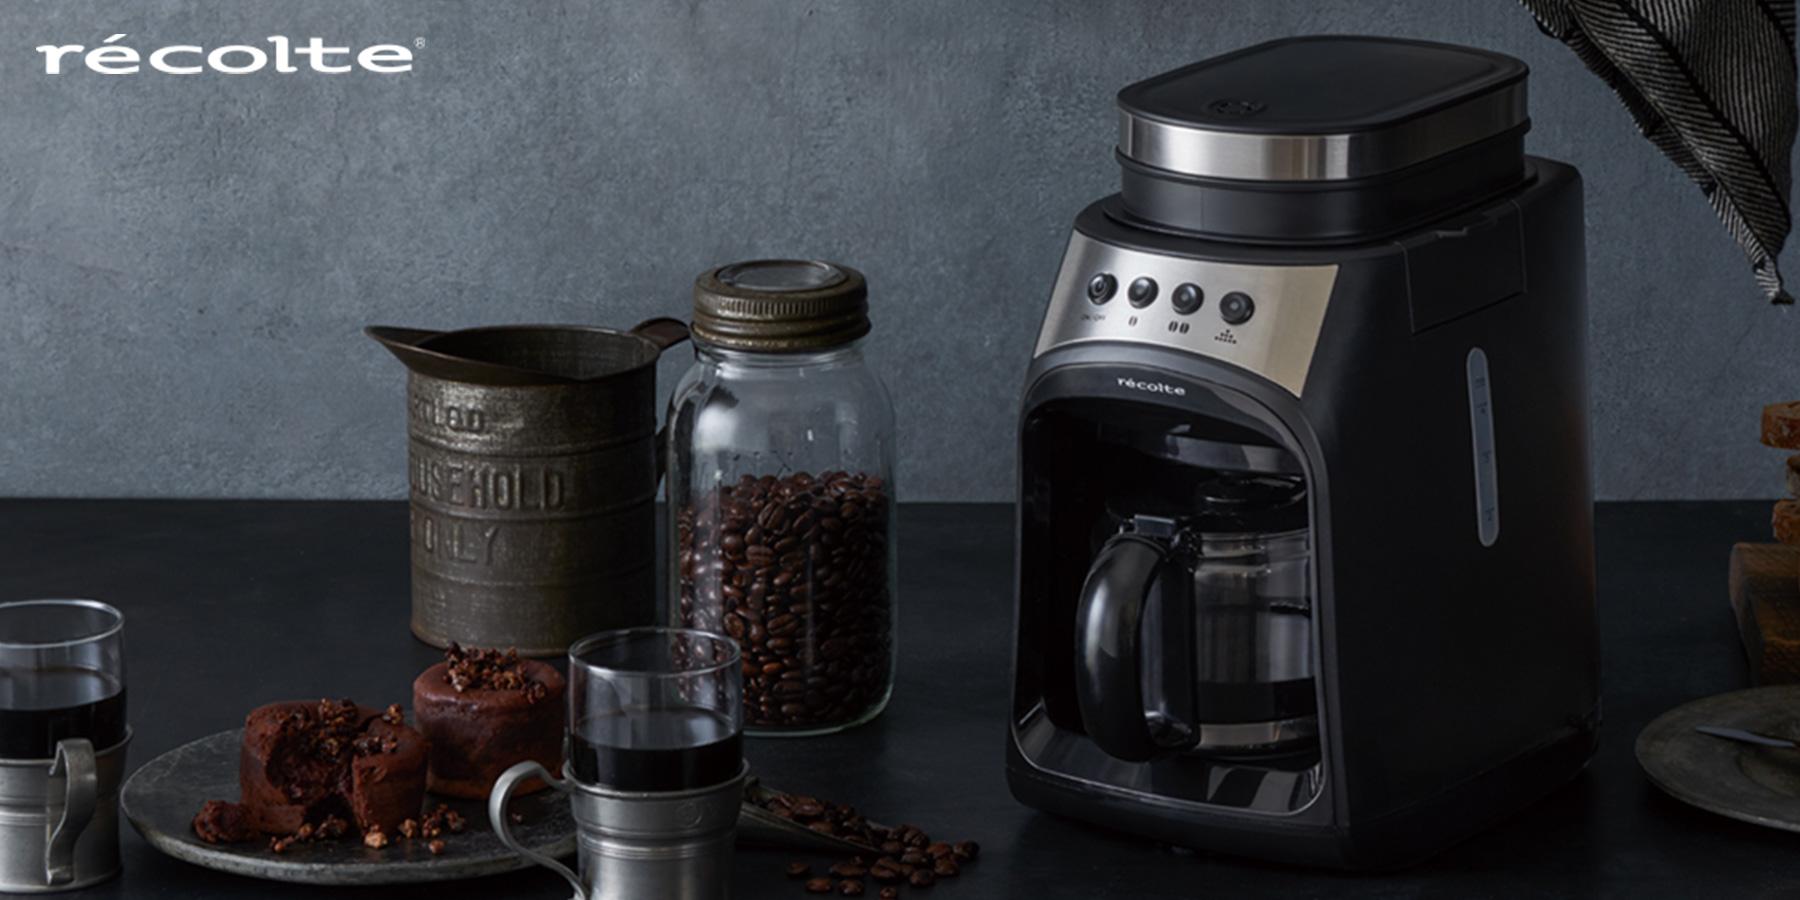 コーヒーメーカー おしゃれ 全自動 ミル 電動 デザイン家電 レコルト グラインド & ドリップコーヒーメーカー フィーカ